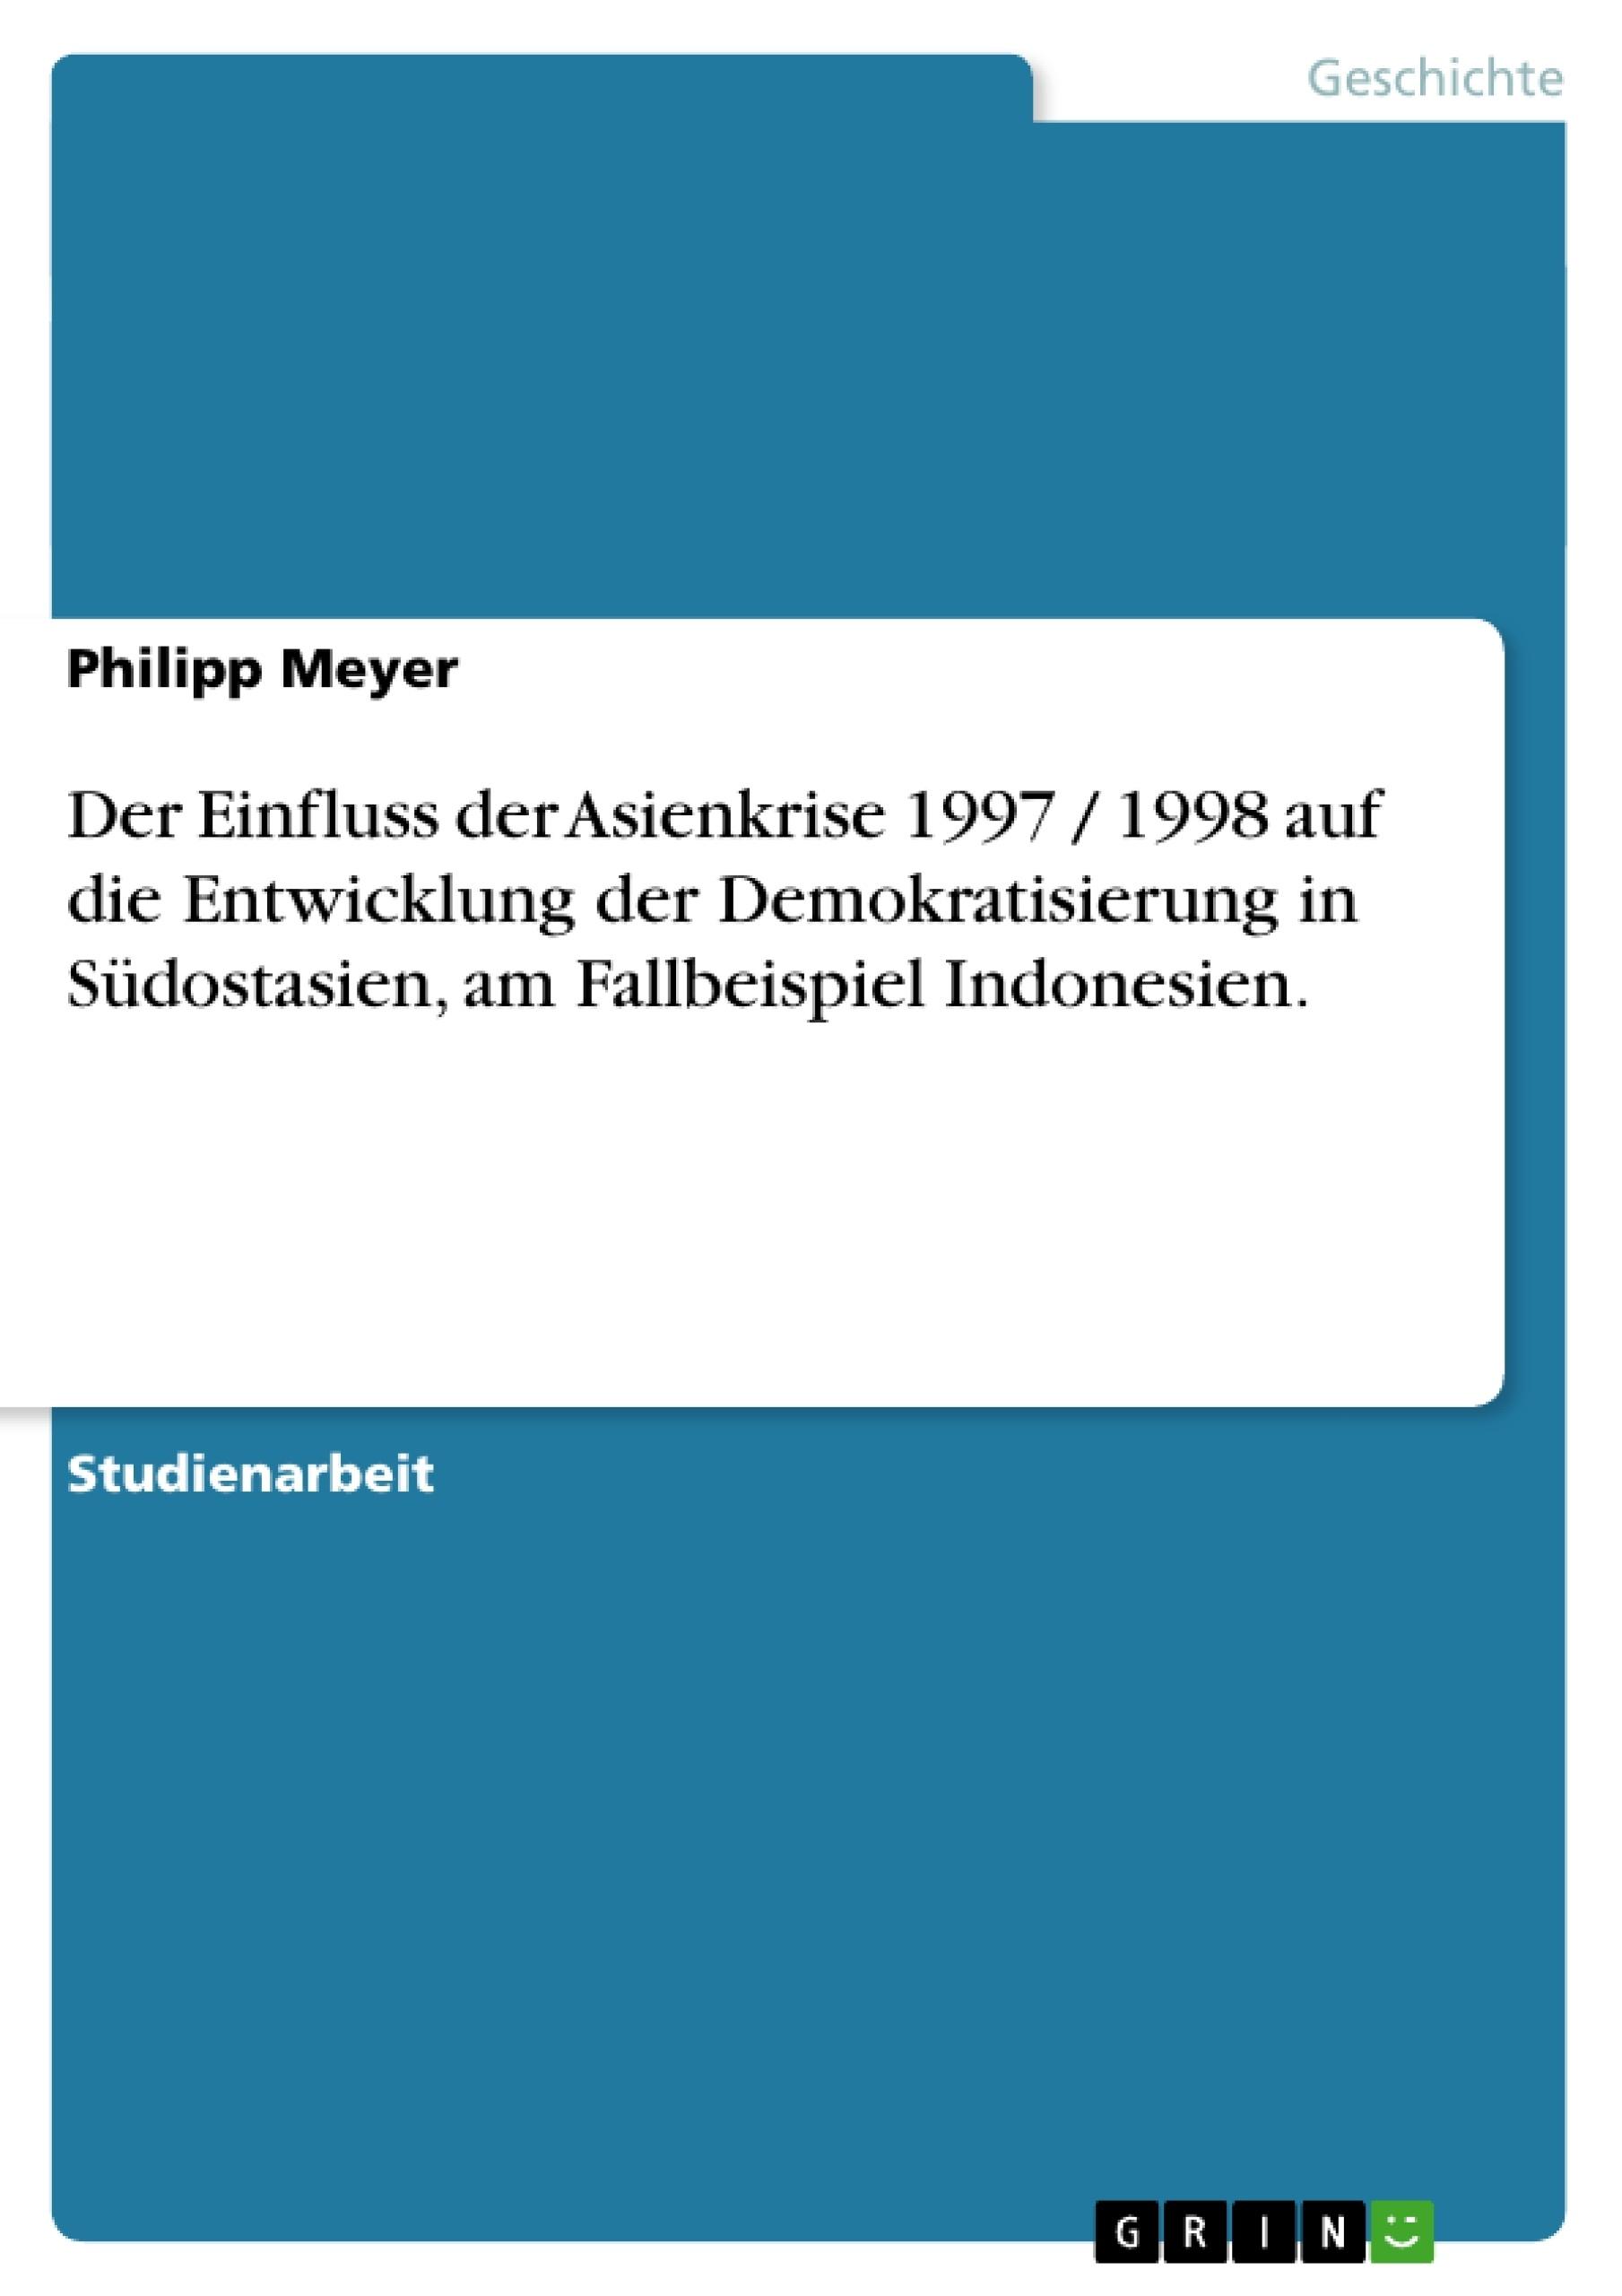 Titel: Der Einfluss der Asienkrise 1997 / 1998 auf die Entwicklung der Demokratisierung in Südostasien, am Fallbeispiel Indonesien.